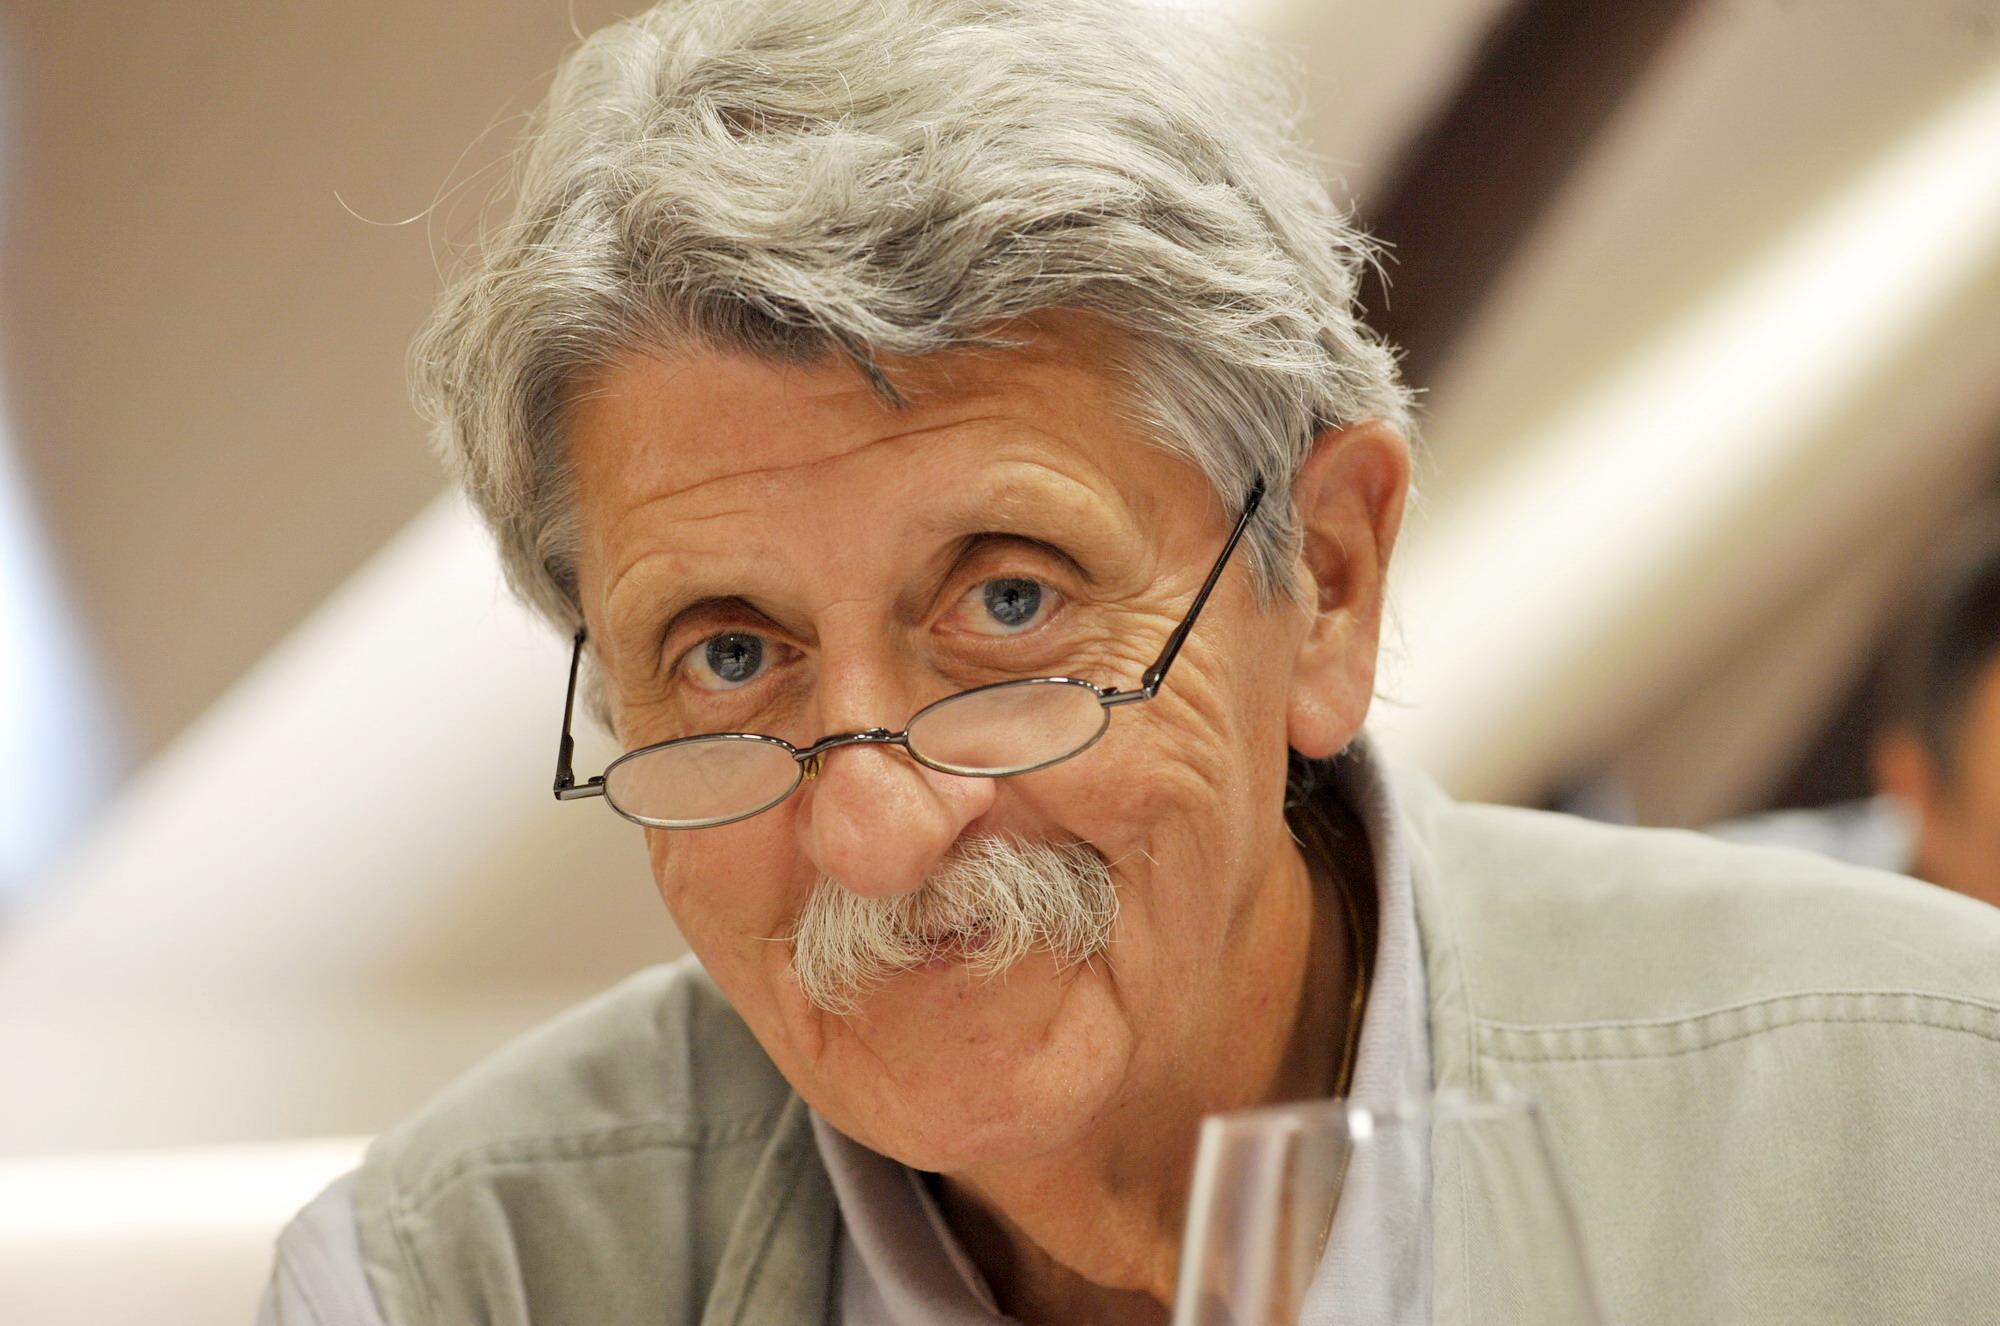 Razgovor s vinom o vinu: Željko Suhadolnik, doajen vinskog novinarstva